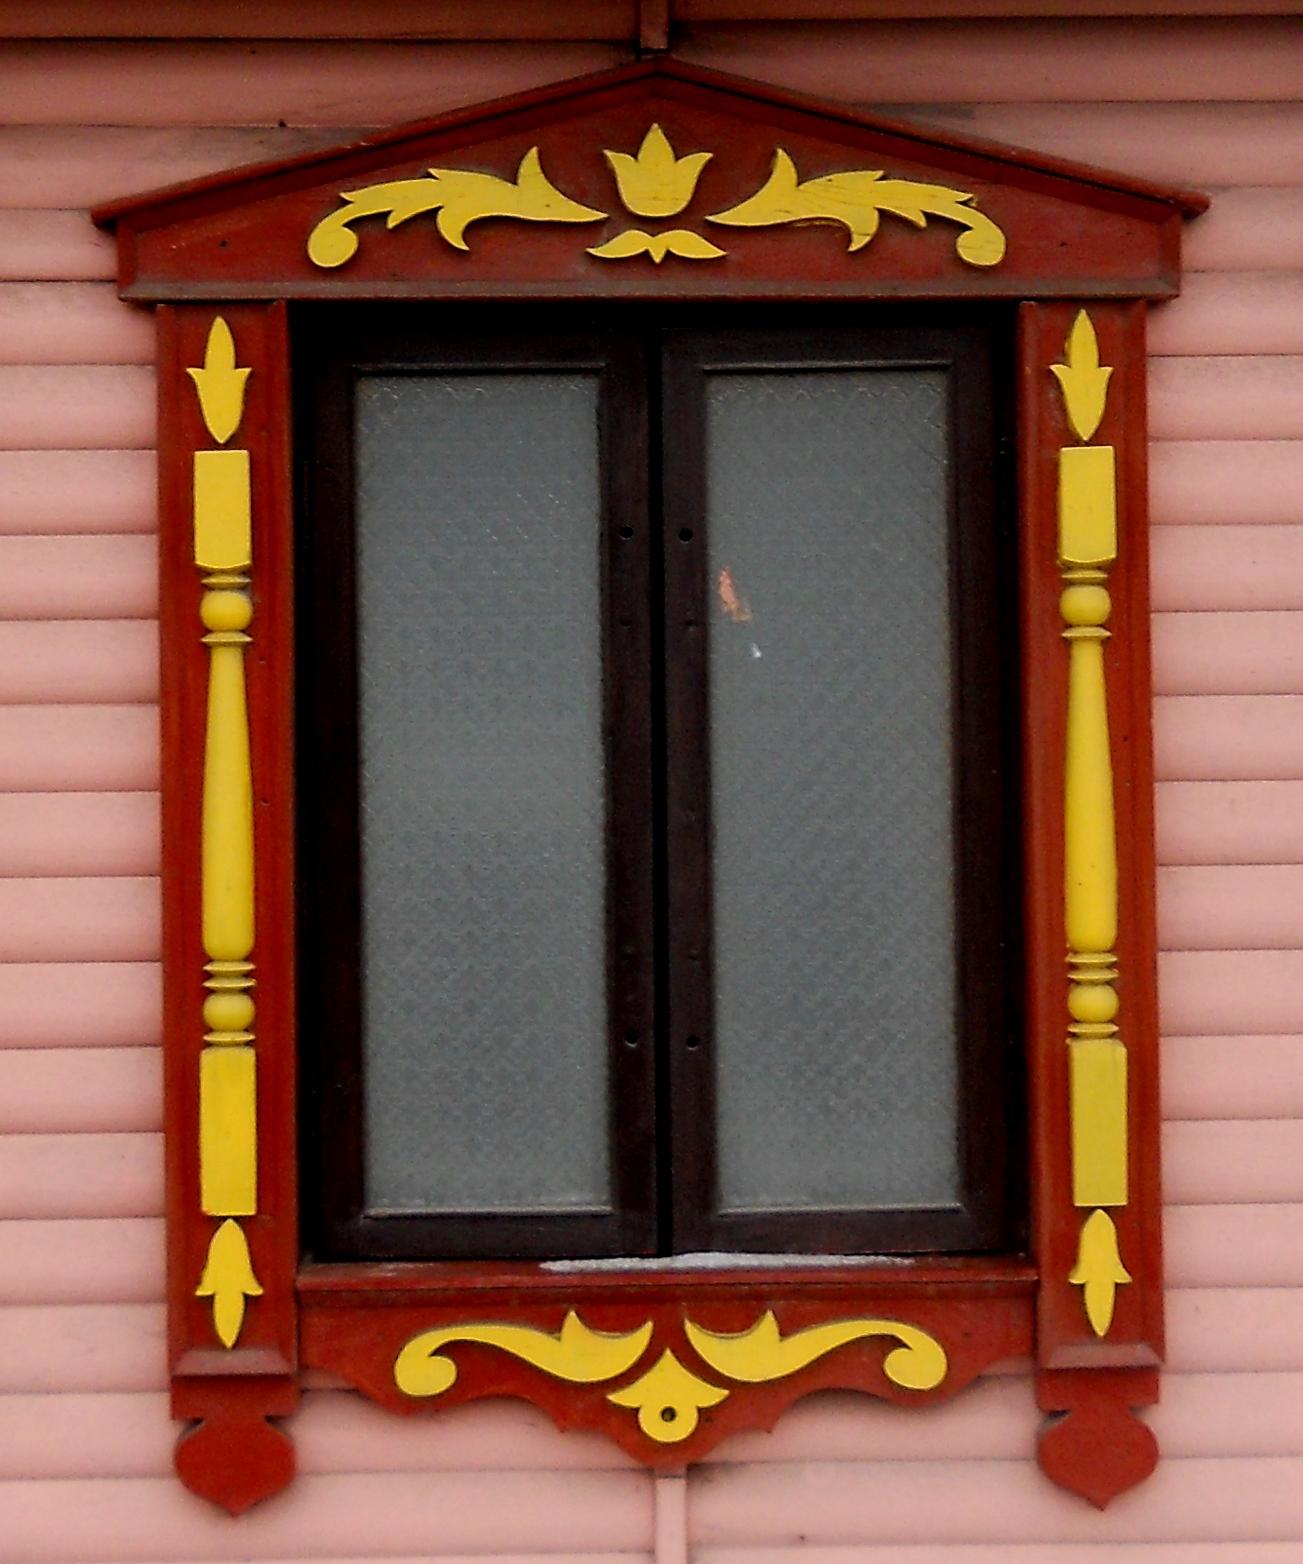 Наличники на окна своими руками деревянные, резные - Ремонт 35